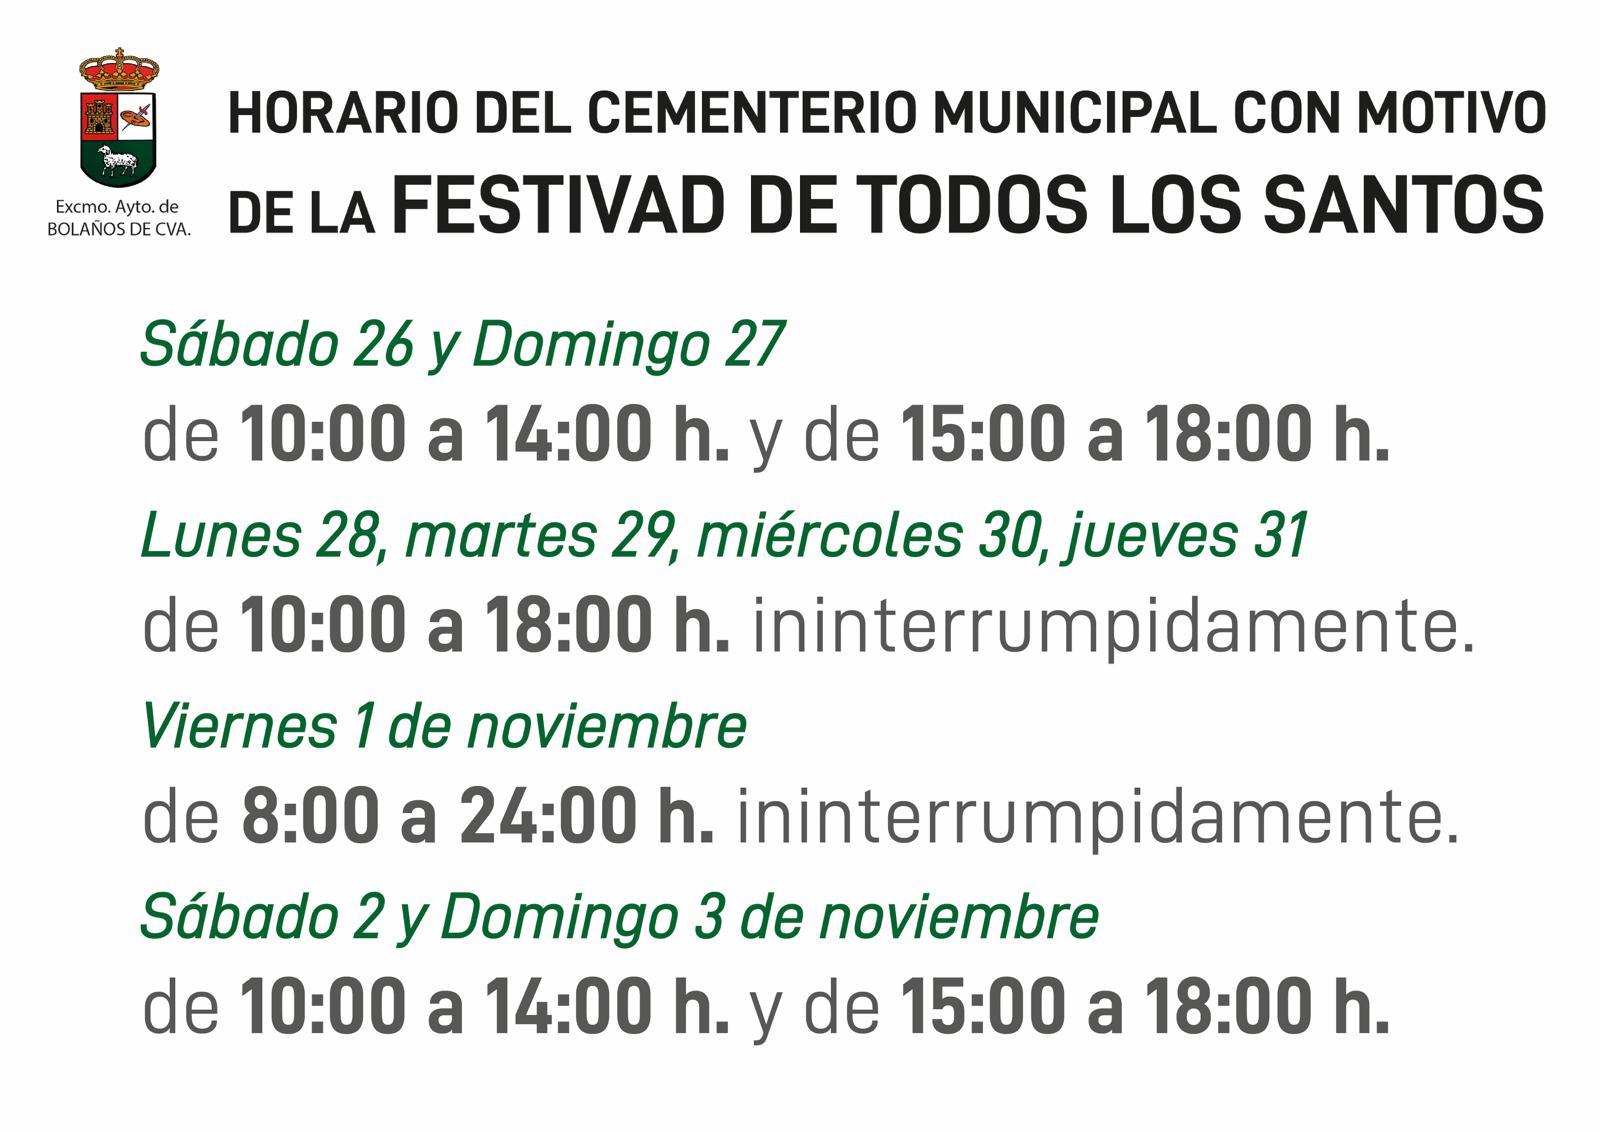 NUEVO HORARIO DEL CEMENTERIO MUNICIPAL ANTE LA FESTIVIDAD DE TODOS LOS SANTOS